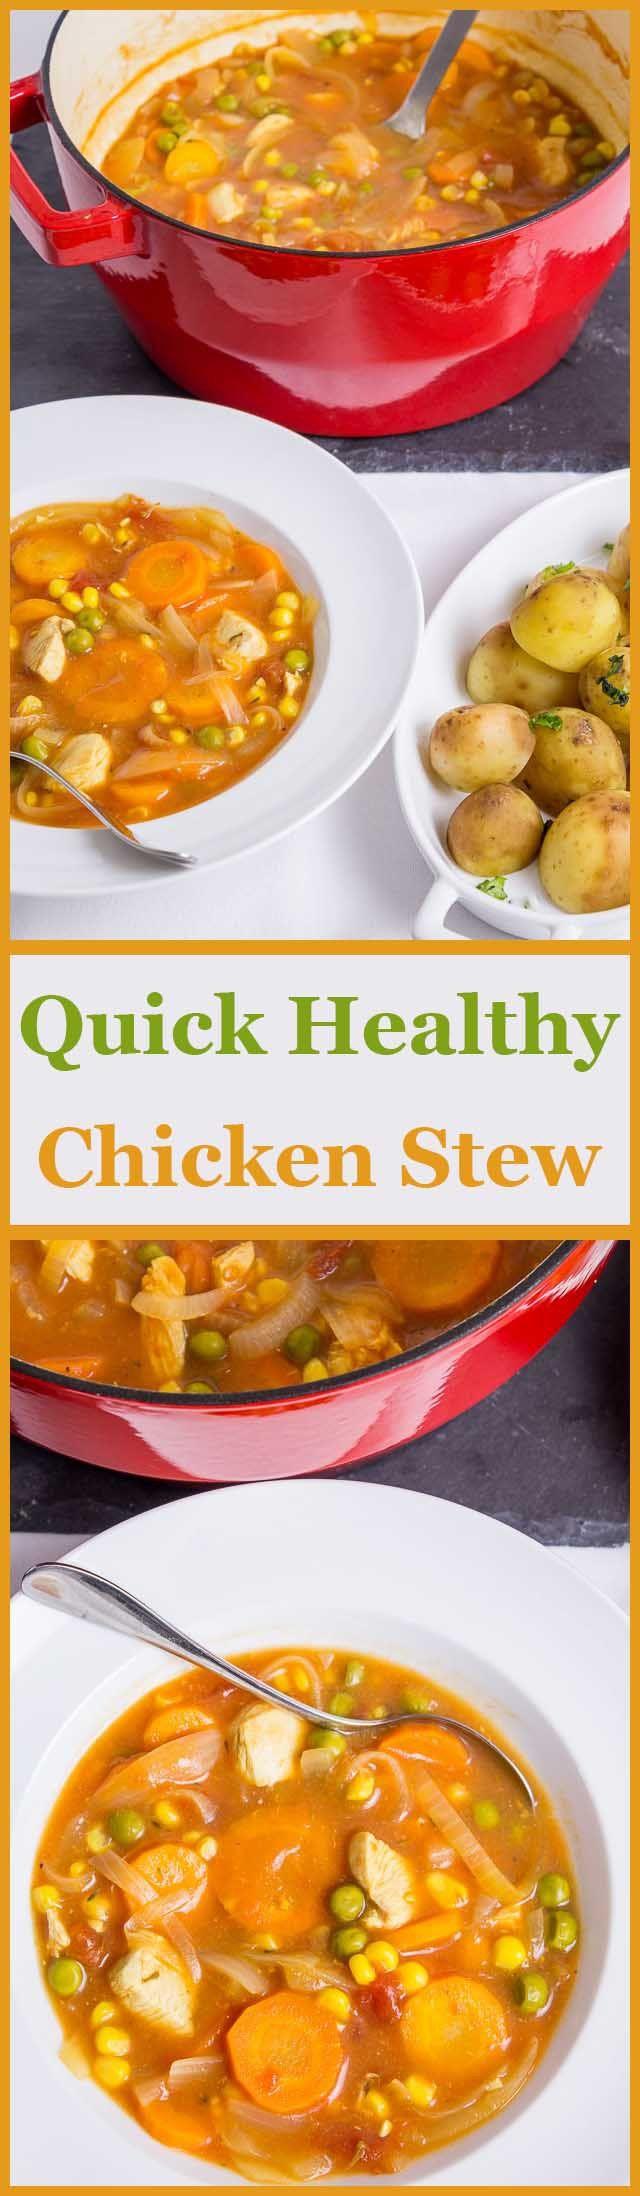 Quick Healthy Chicken Stew